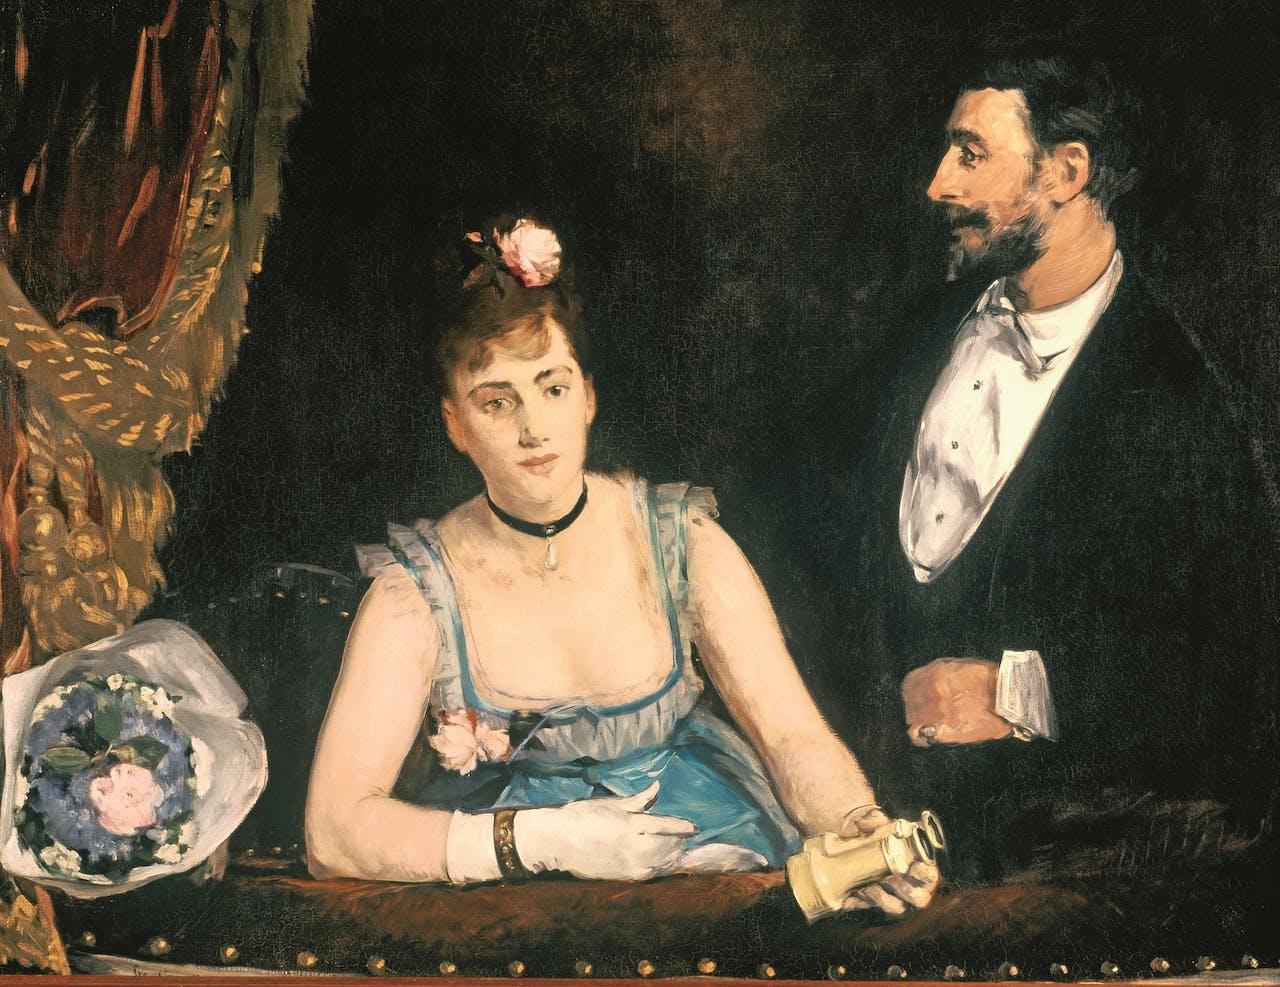 'Une loge aux Italiens', Eva Gonzalès, 1874.